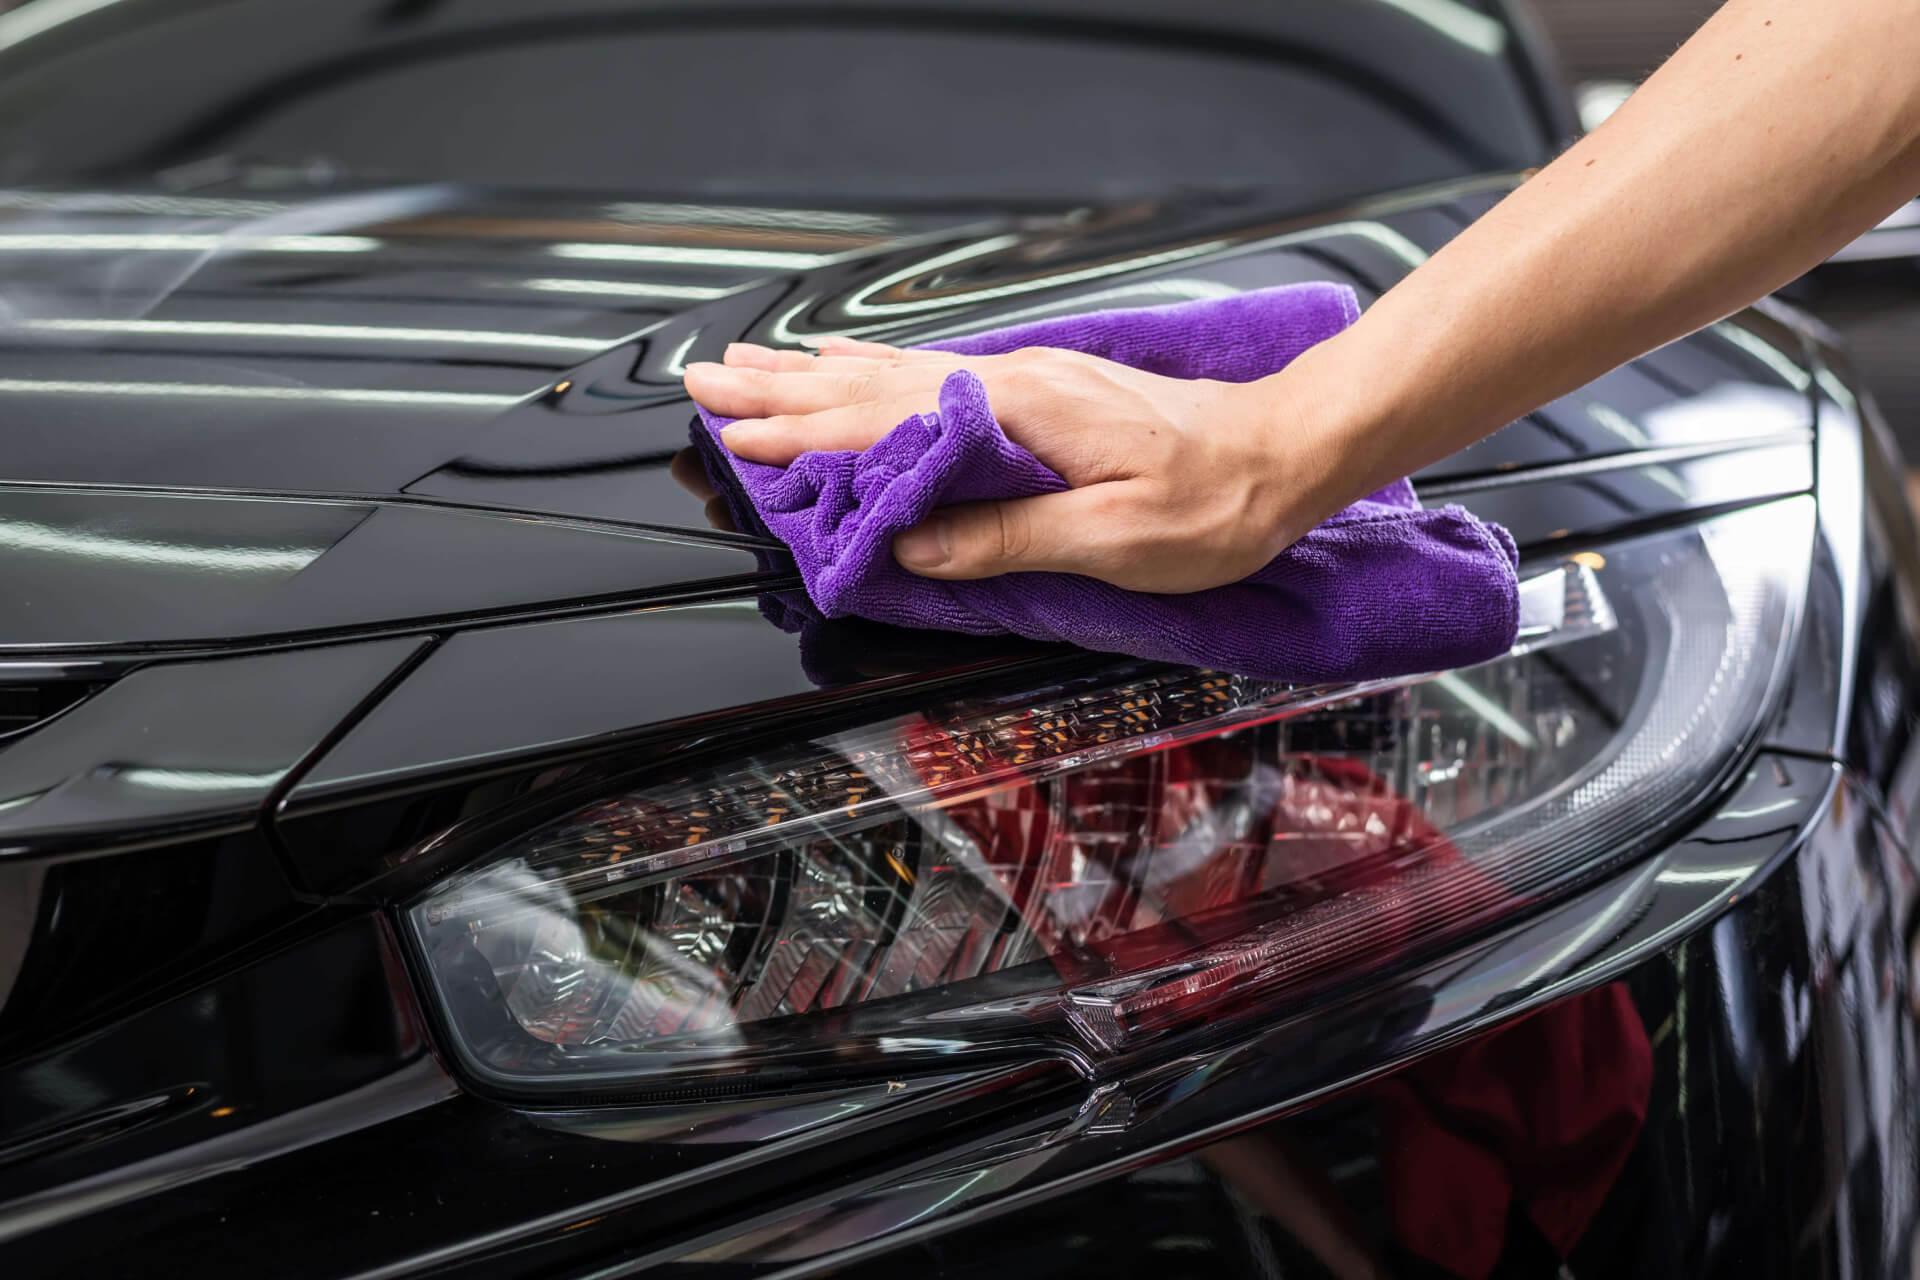 СберАвто и ЧекИндекс: автолюбители стали реже пользоваться «косметическими услугами» для авто